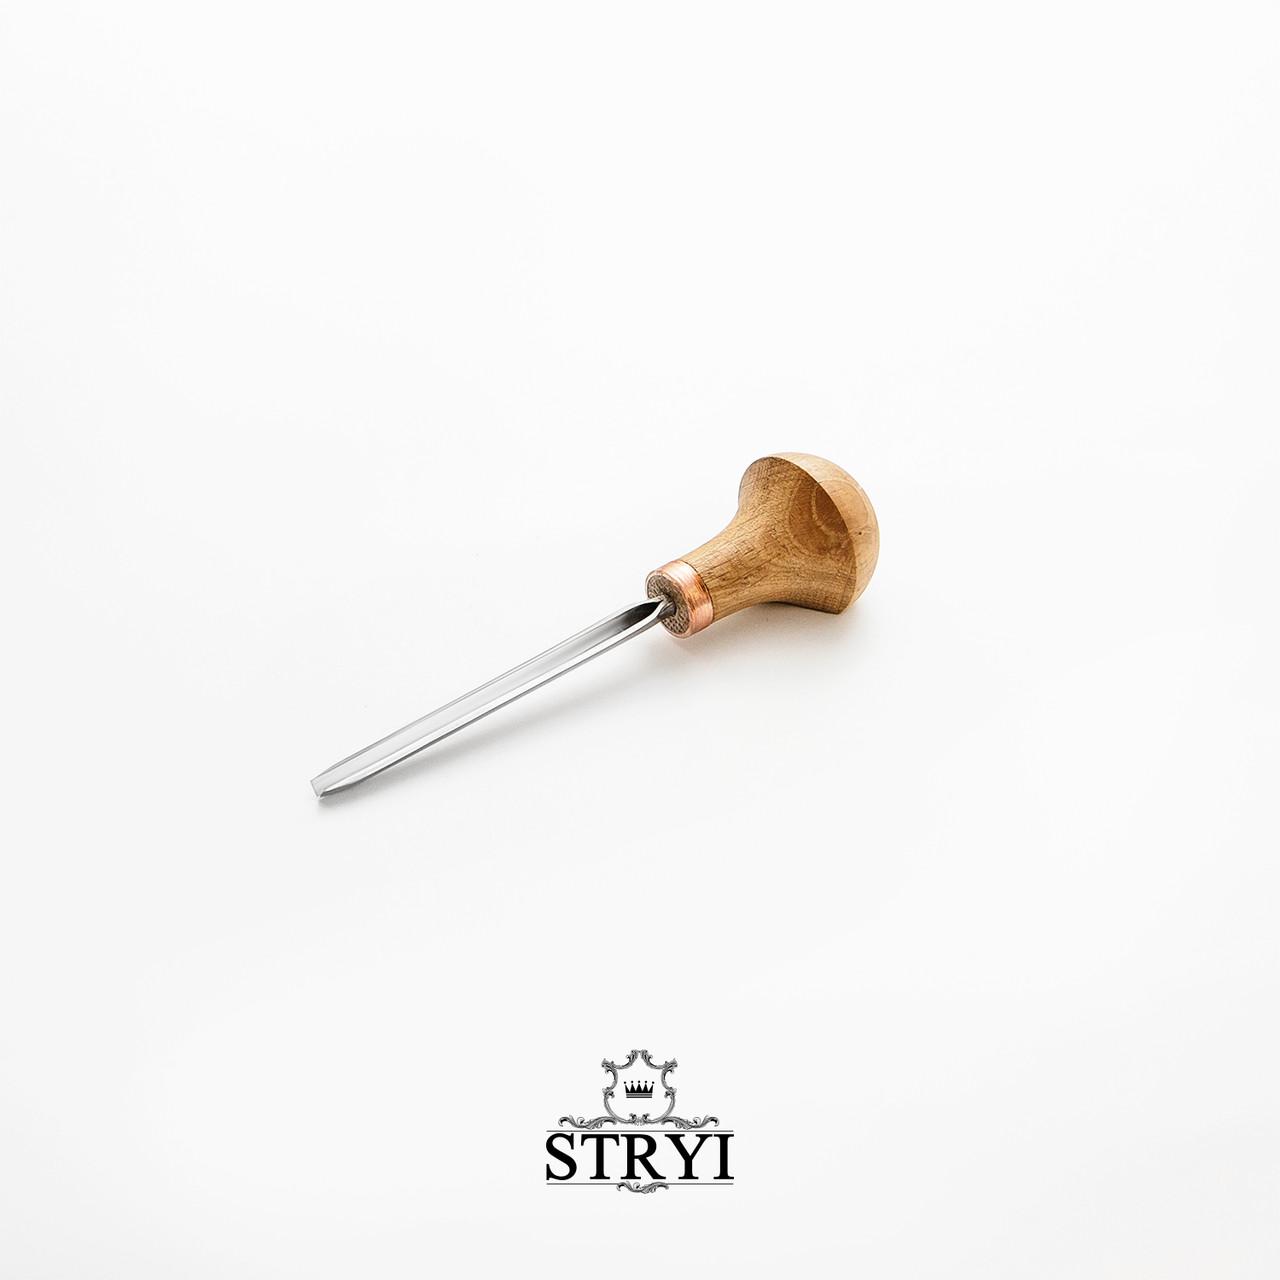 Штихель угловой 45 градусов 3мм для резьбы по дереву от производителя STRYI